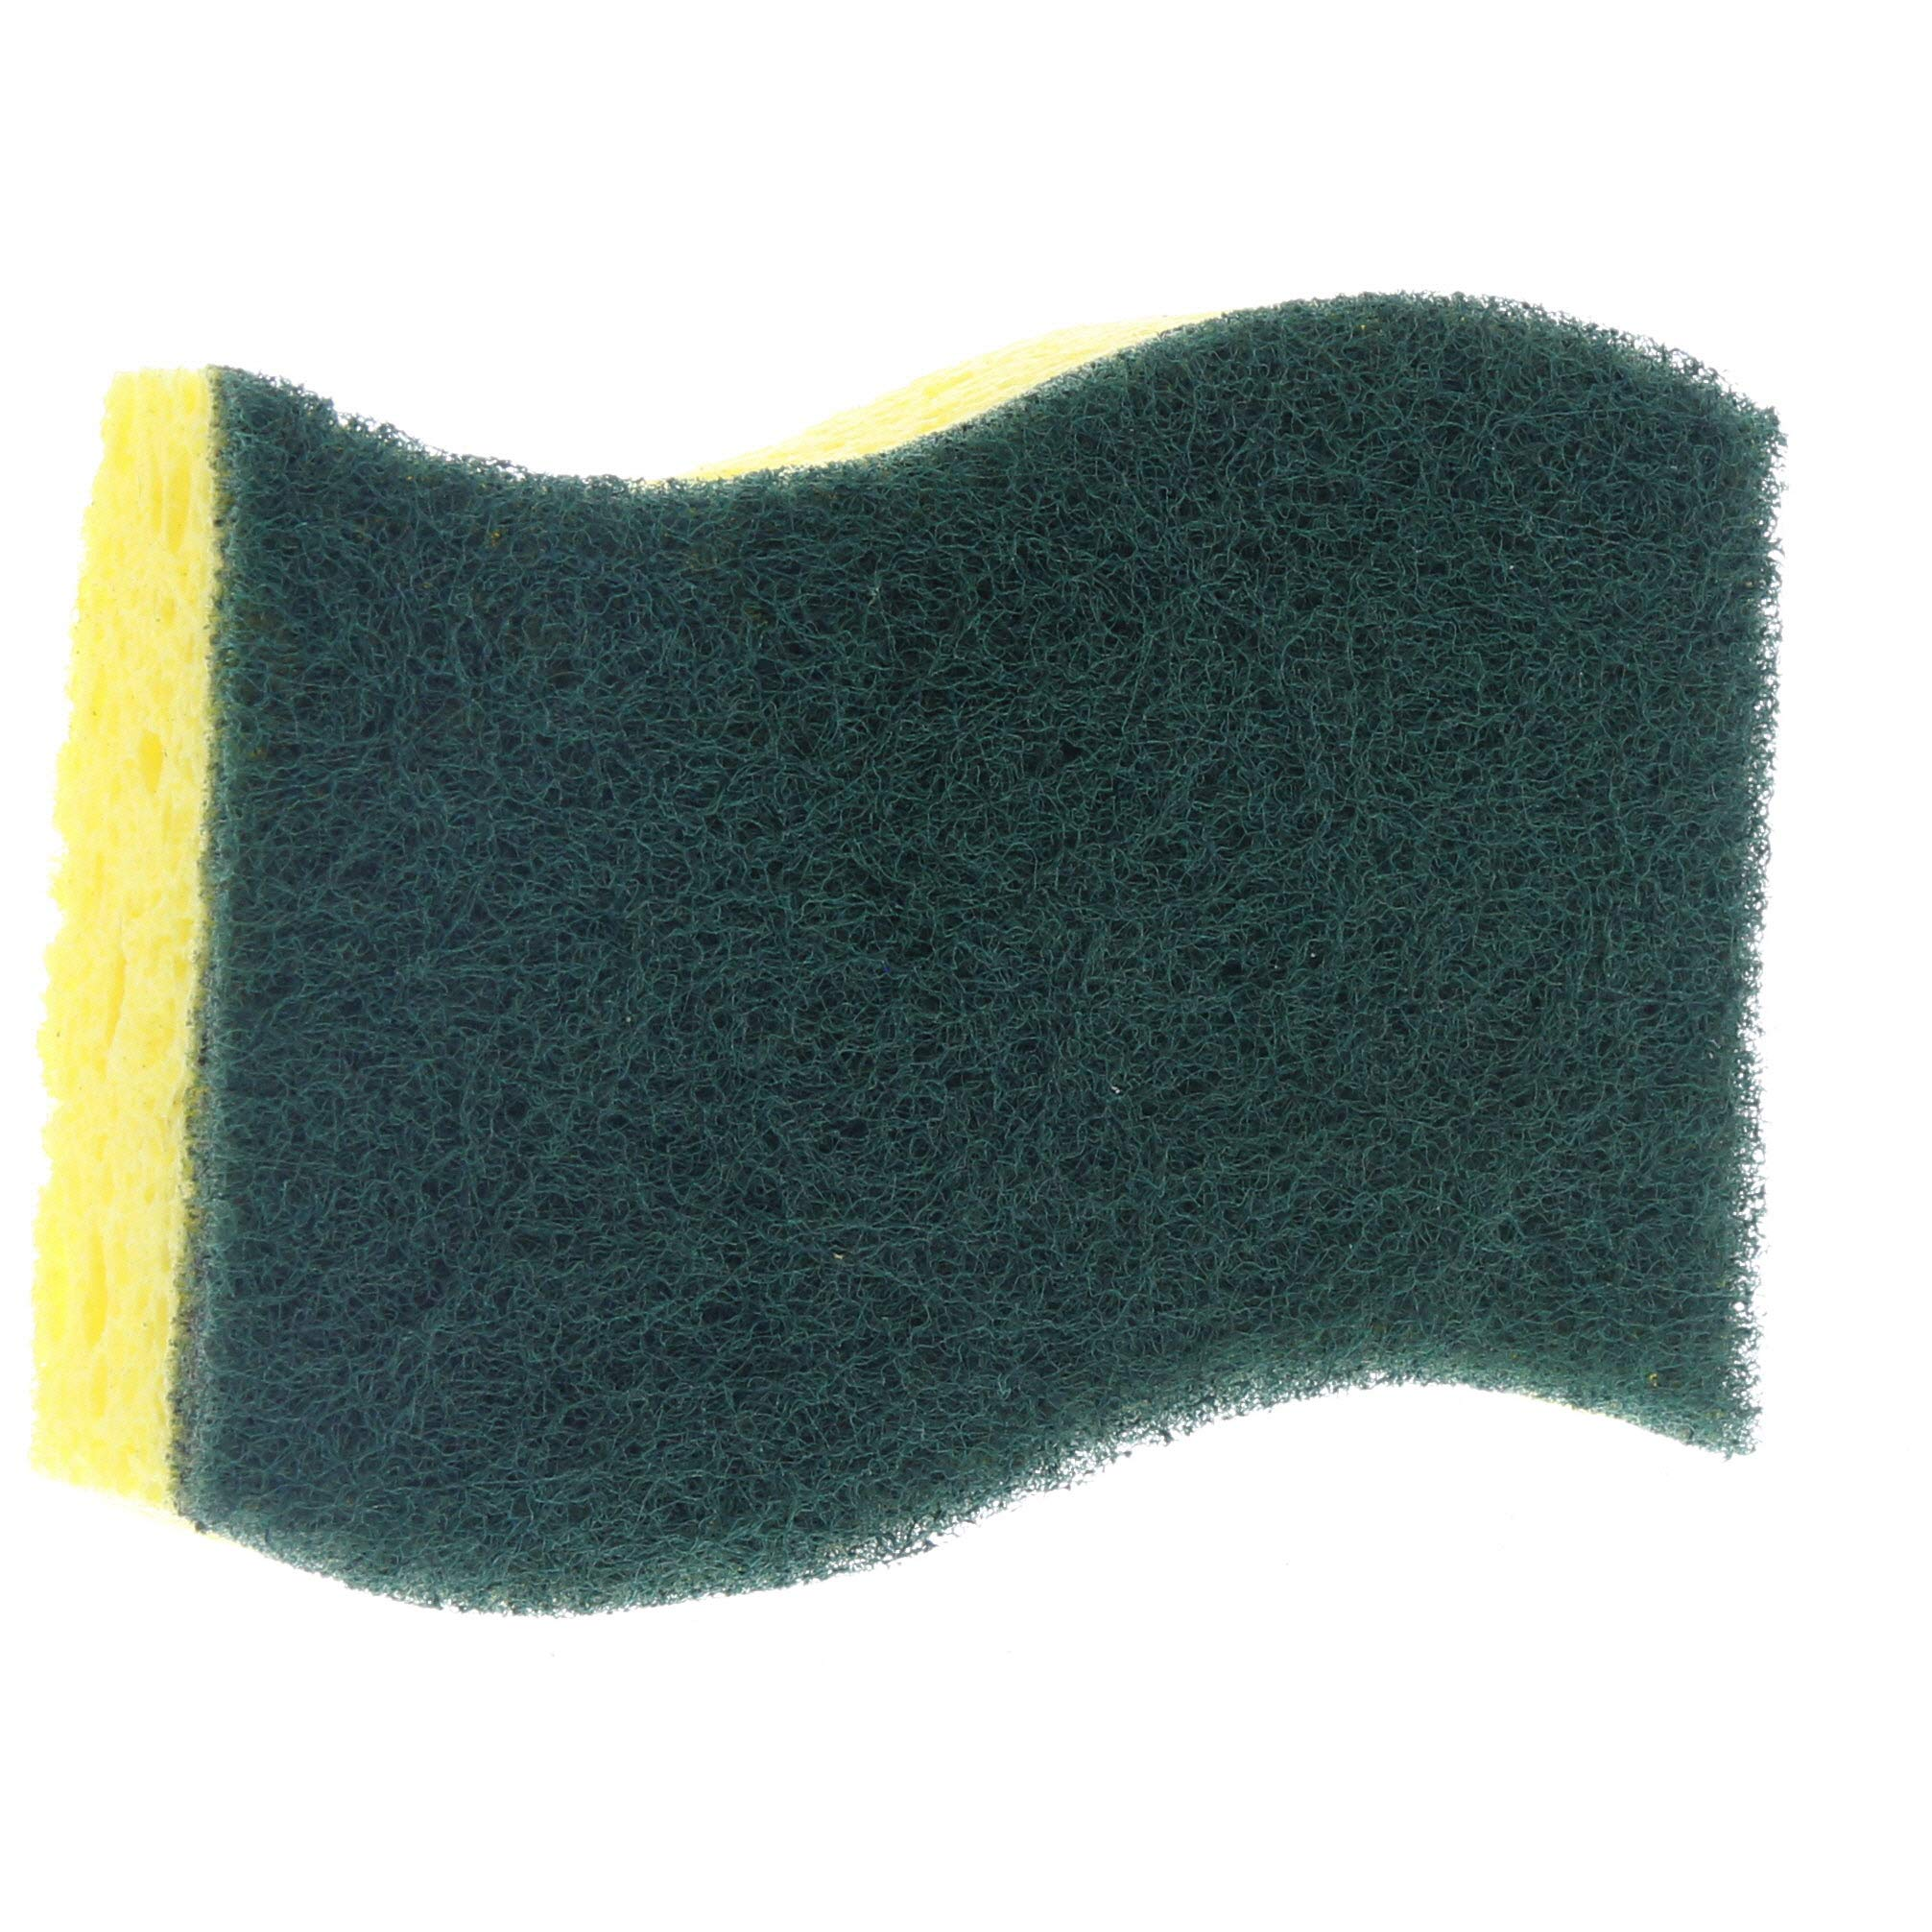 Scotch-Brite Bulk Pack Cleaning Scrub Pads, (80 Count)